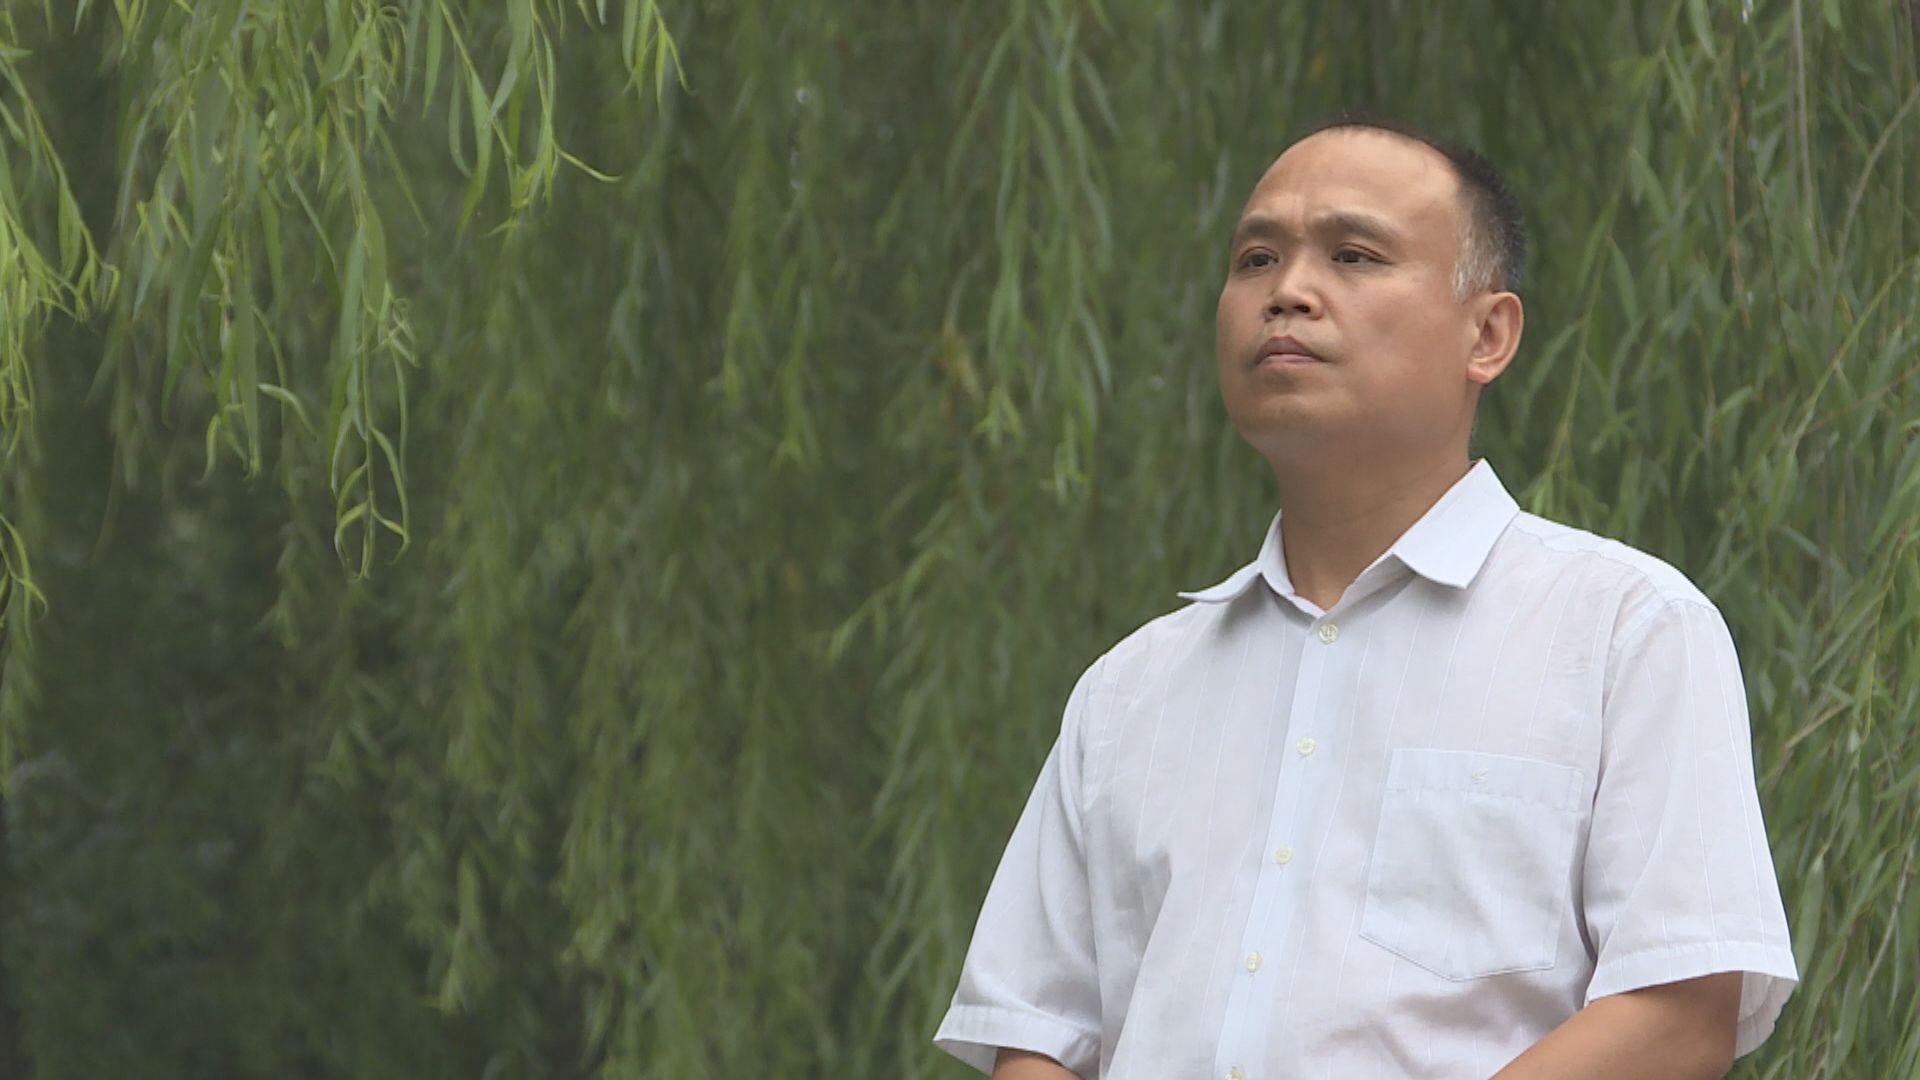 內地維權律師余文生案二審維持原判囚四年